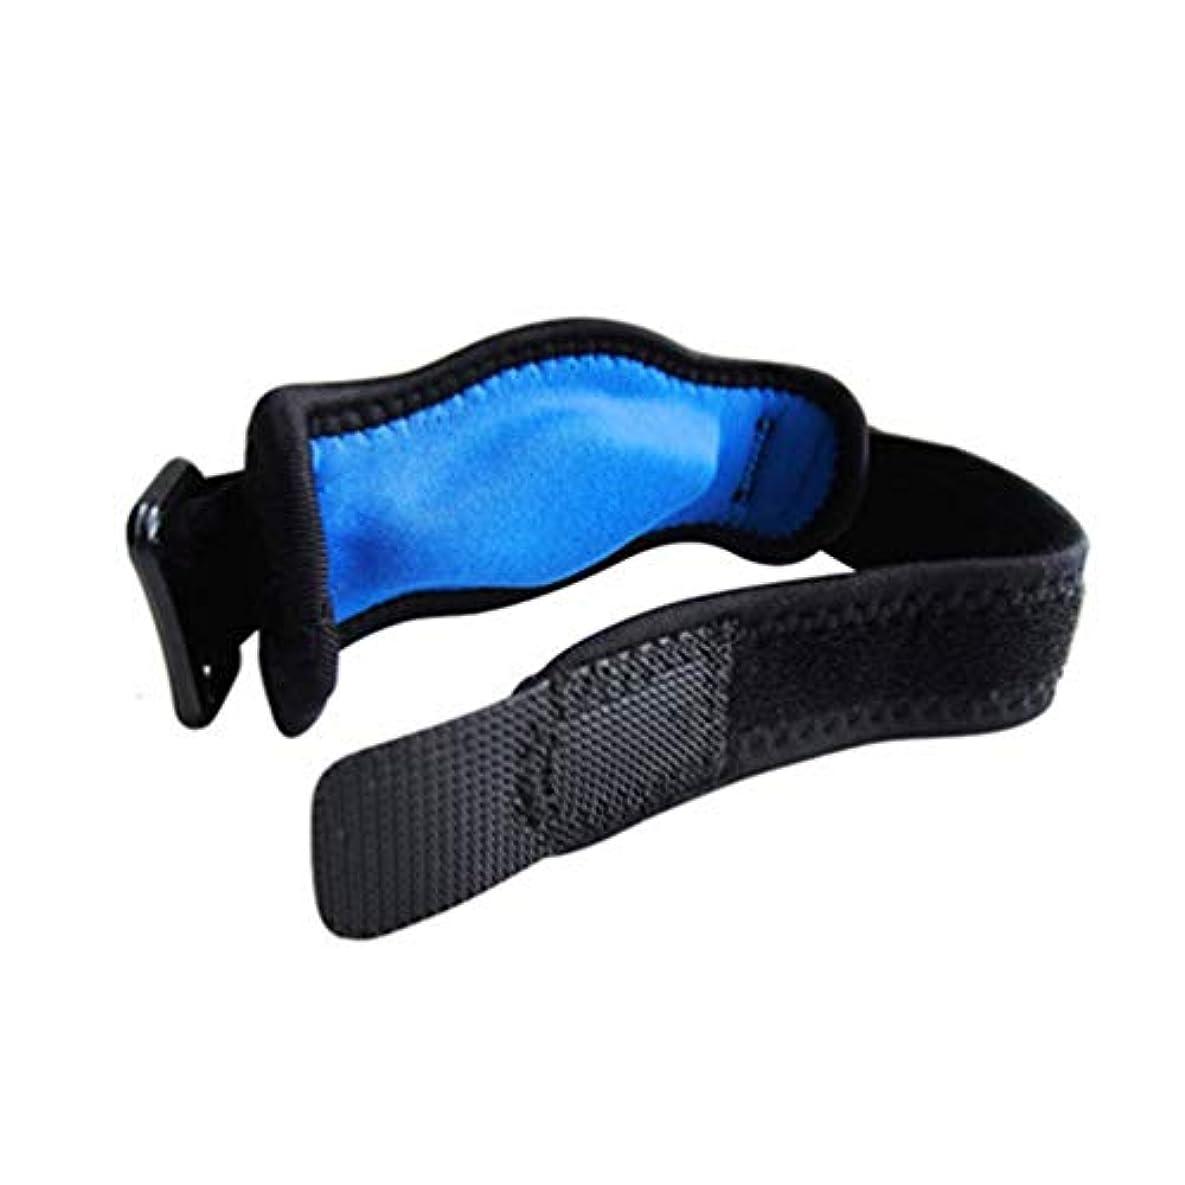 情熱的普遍的なディレイ調節可能なテニス肘サポートストラップブレースゴルフ前腕痛み緩和 - 黒